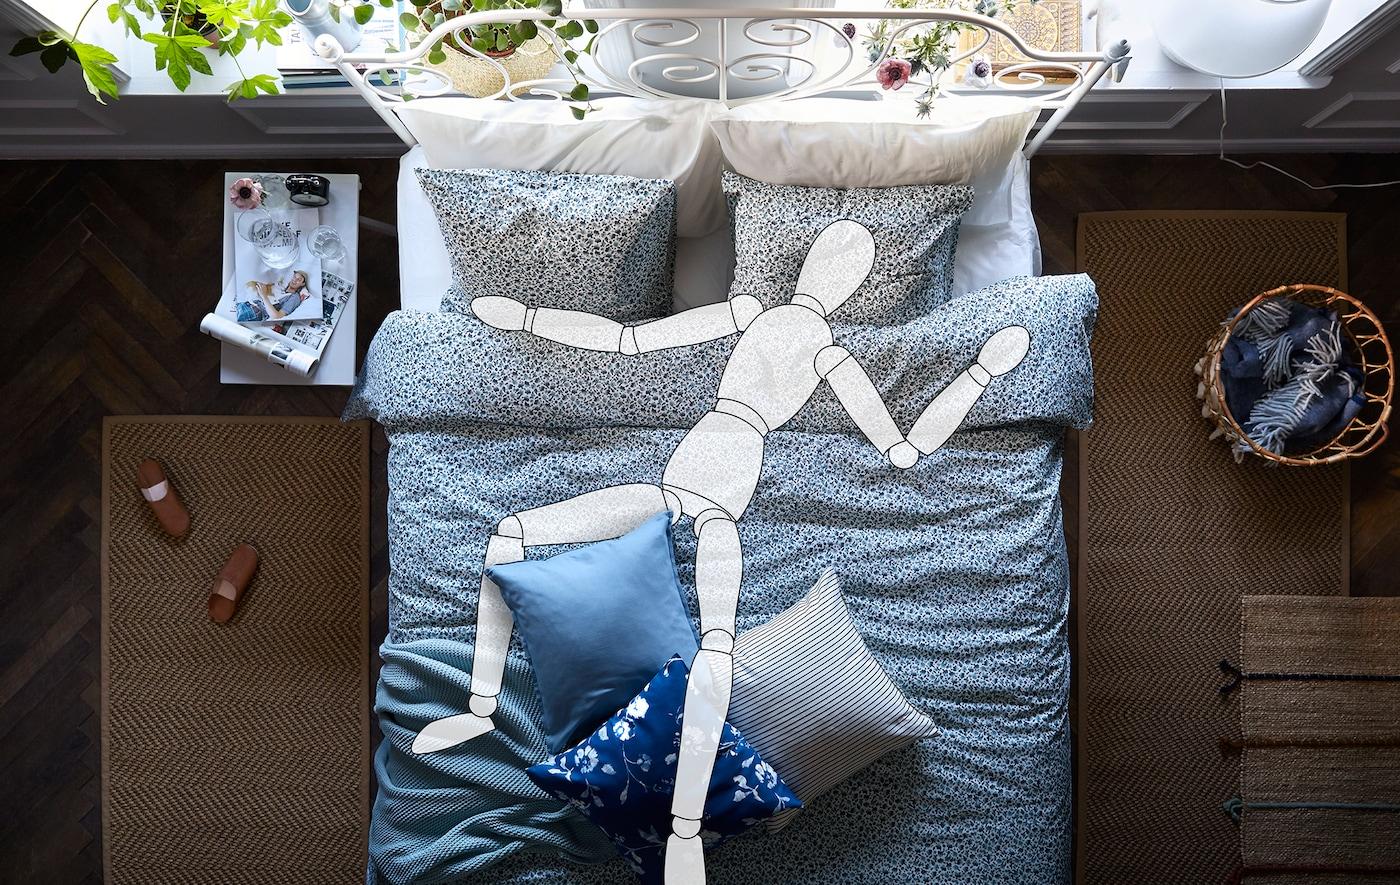 Wnętrze sypialni z szerokim łóżkiem. Zarys manekina wielkości człowieka leżącego na łóżku.